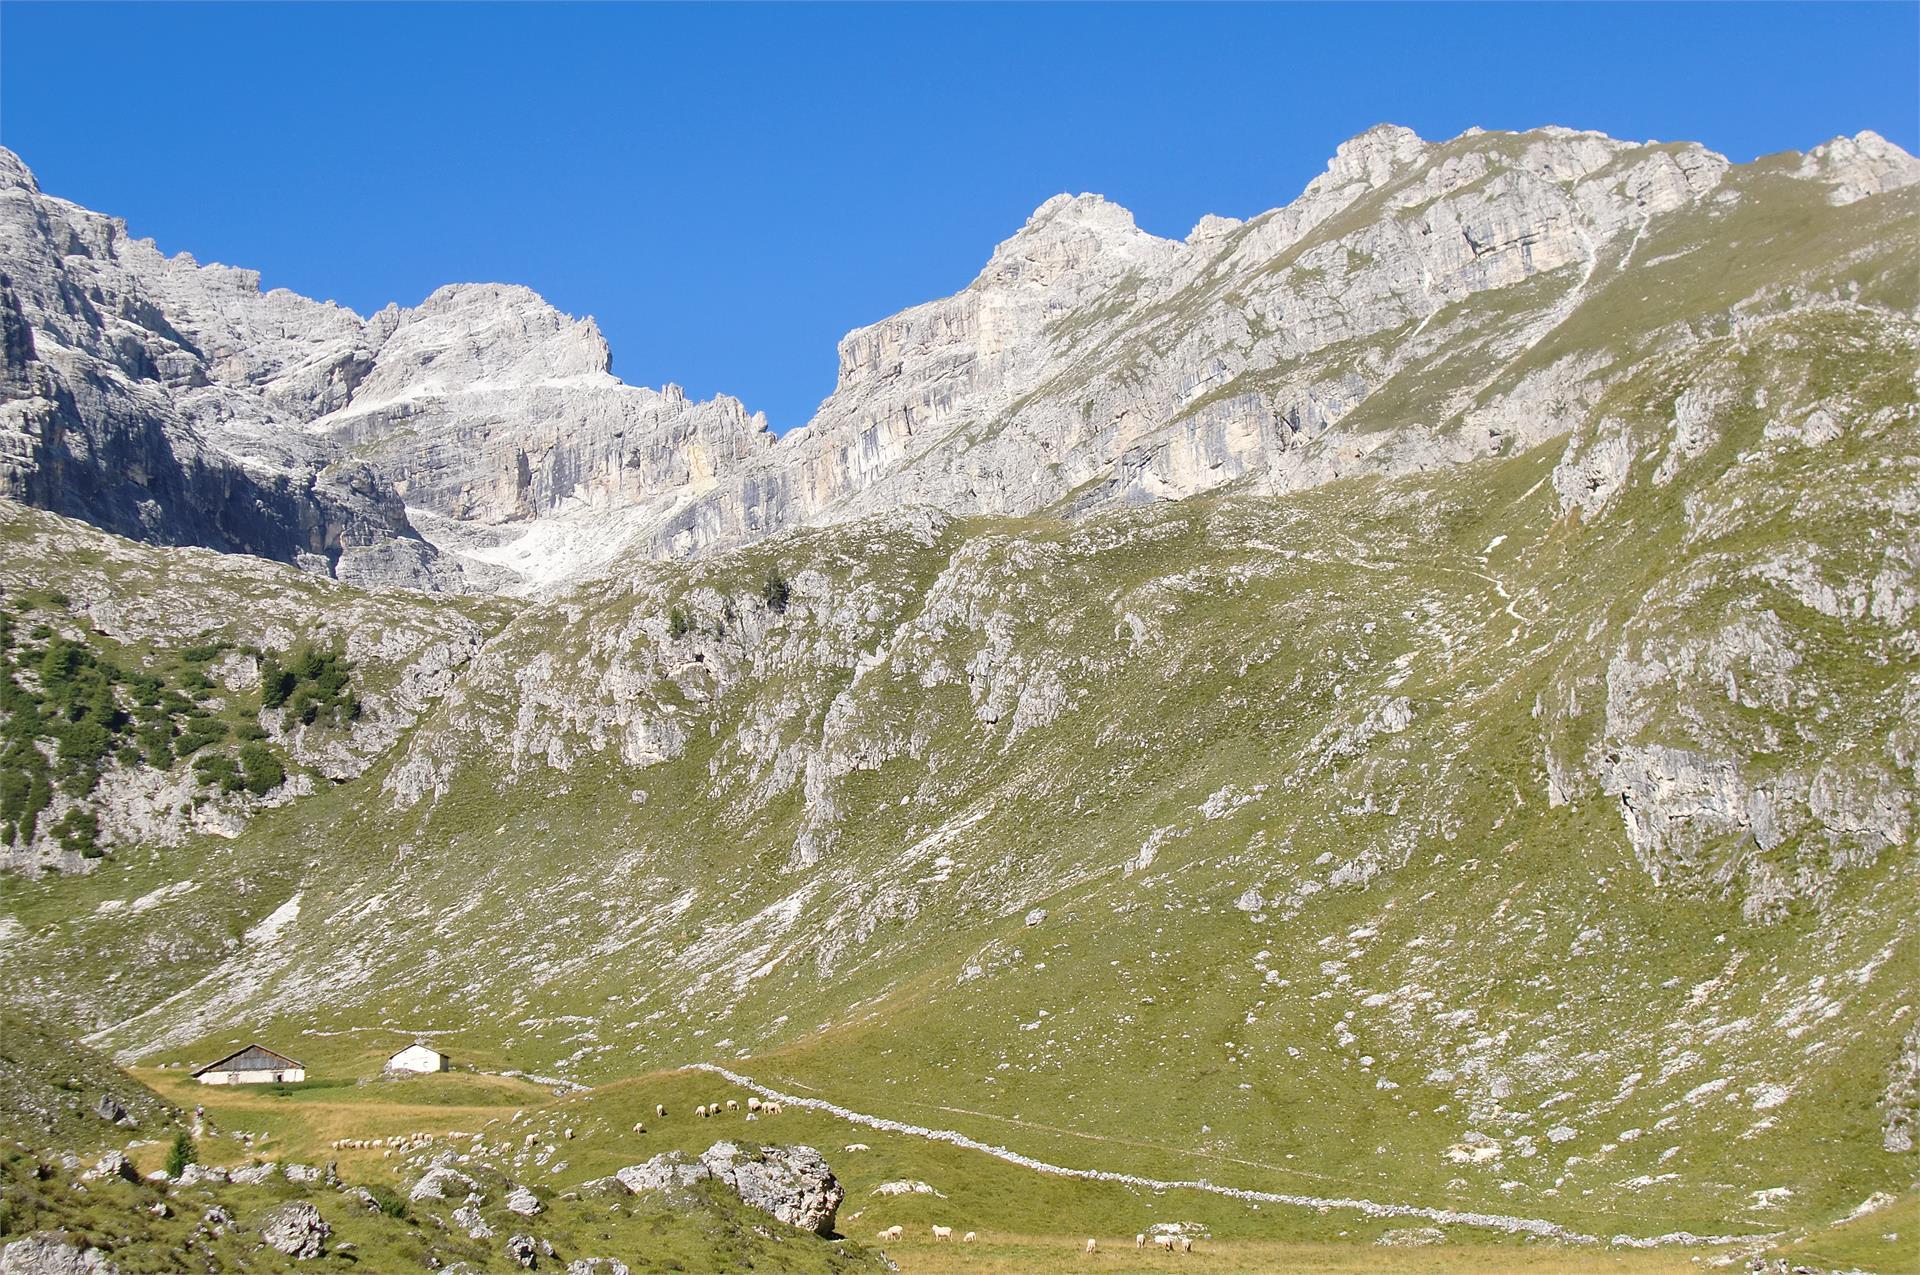 Escursione estiva: Lungiarü - Muntcörta - Antersasc - Rifugio Puez